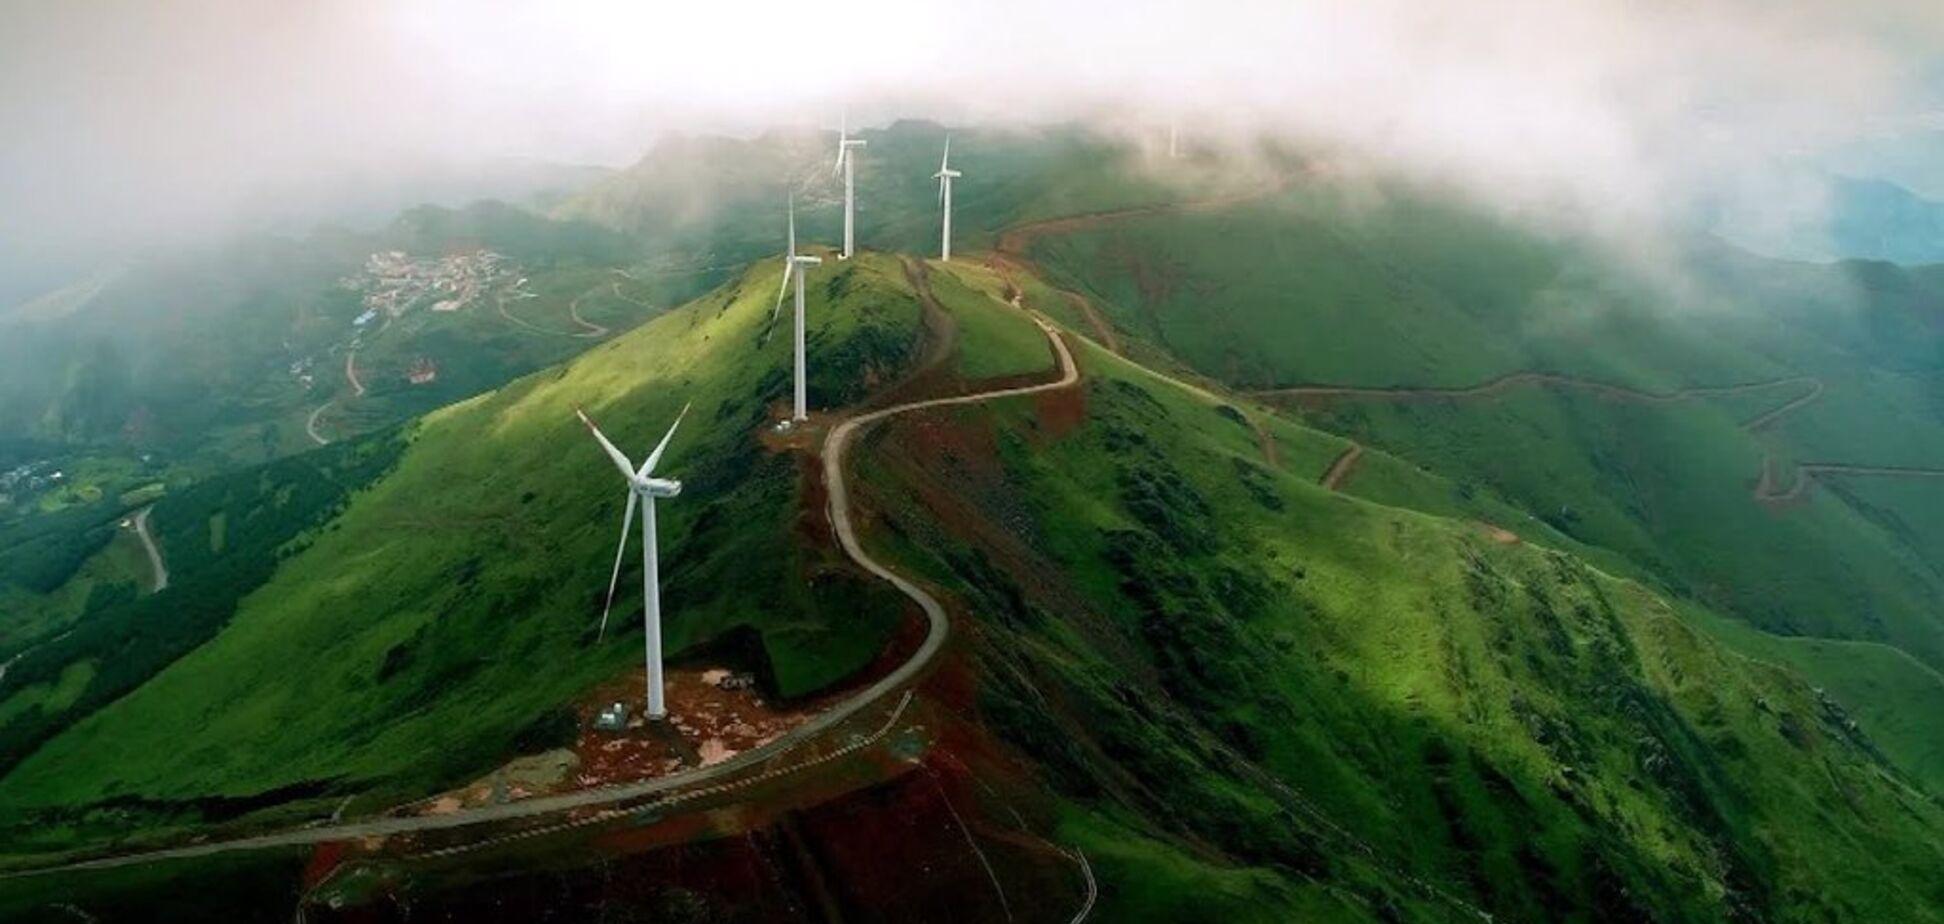 Двістіметрові лопаті: у Китаї запустять гігантські вітрогенератори